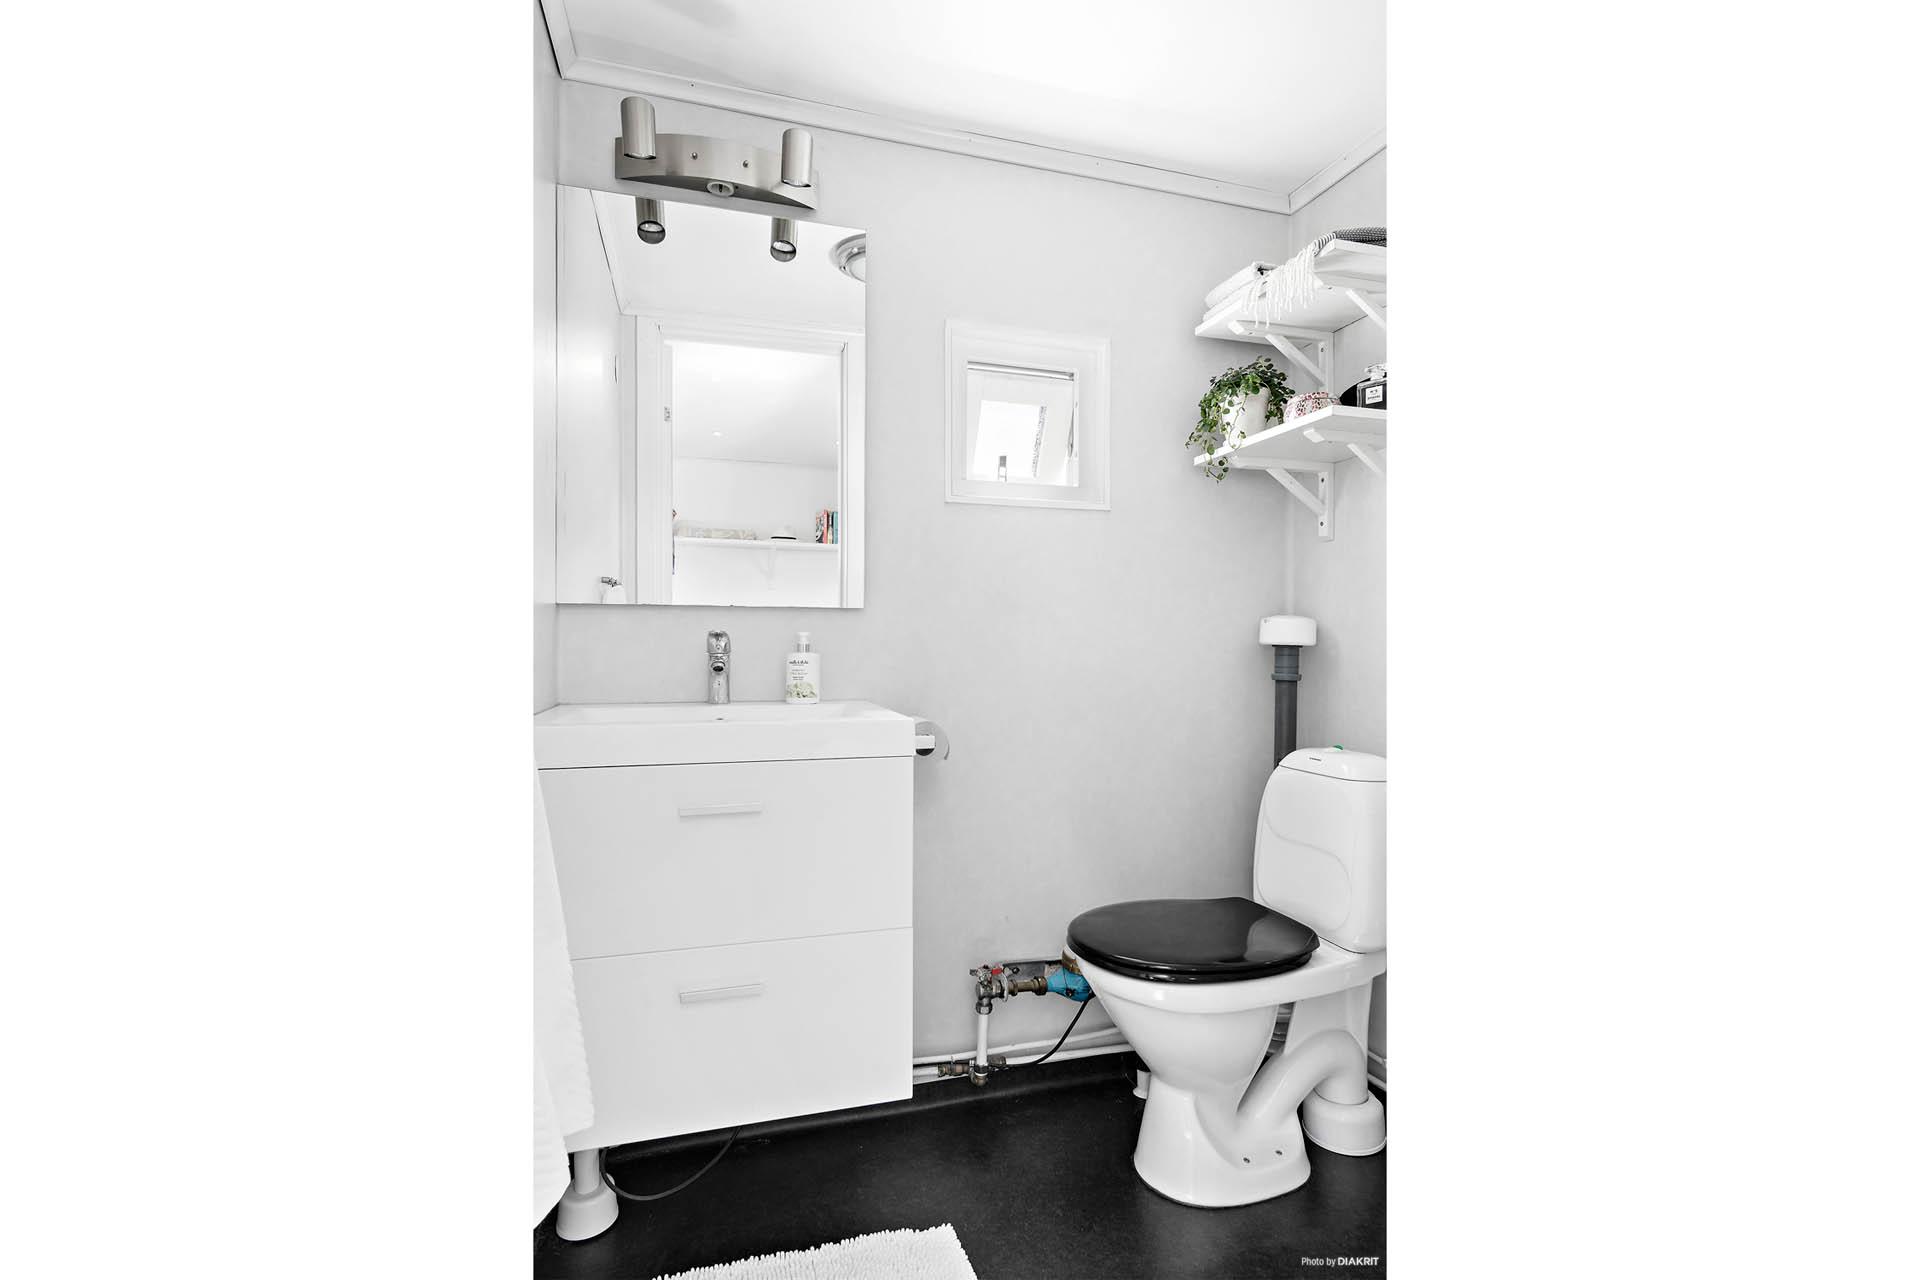 Fräscht badrum.